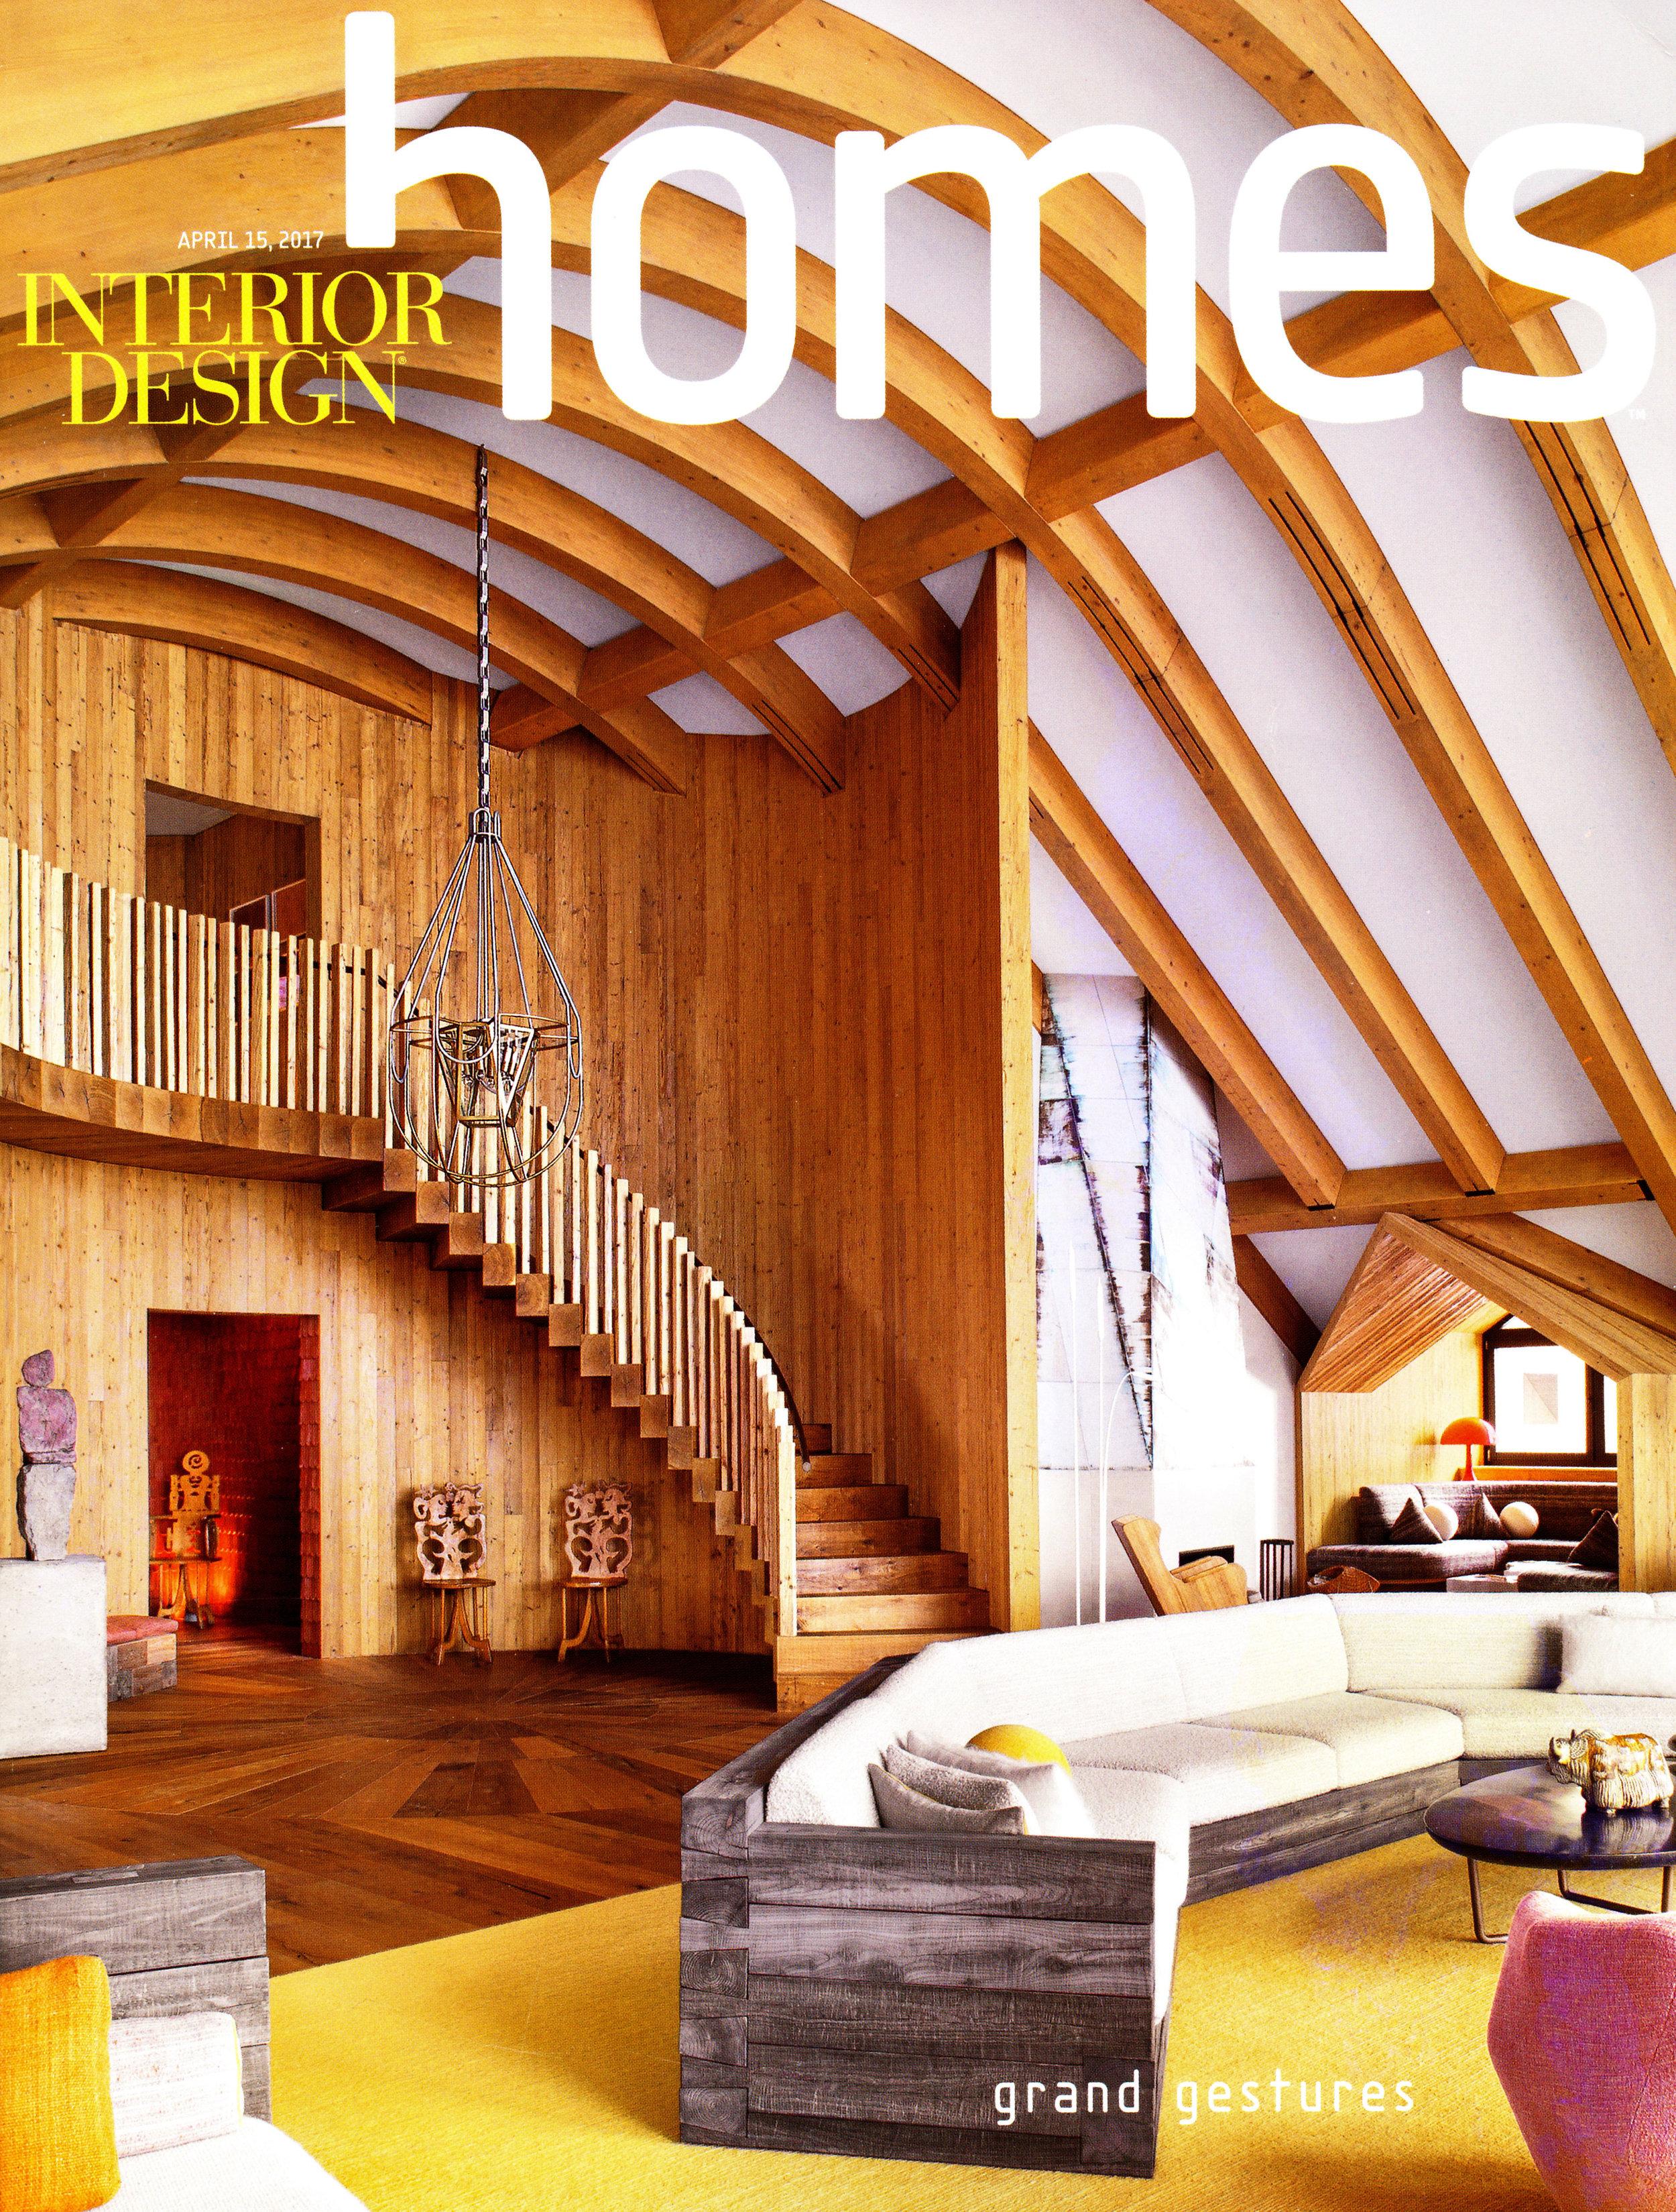 The House of Bauhaus, Interior Design Homes, 2017